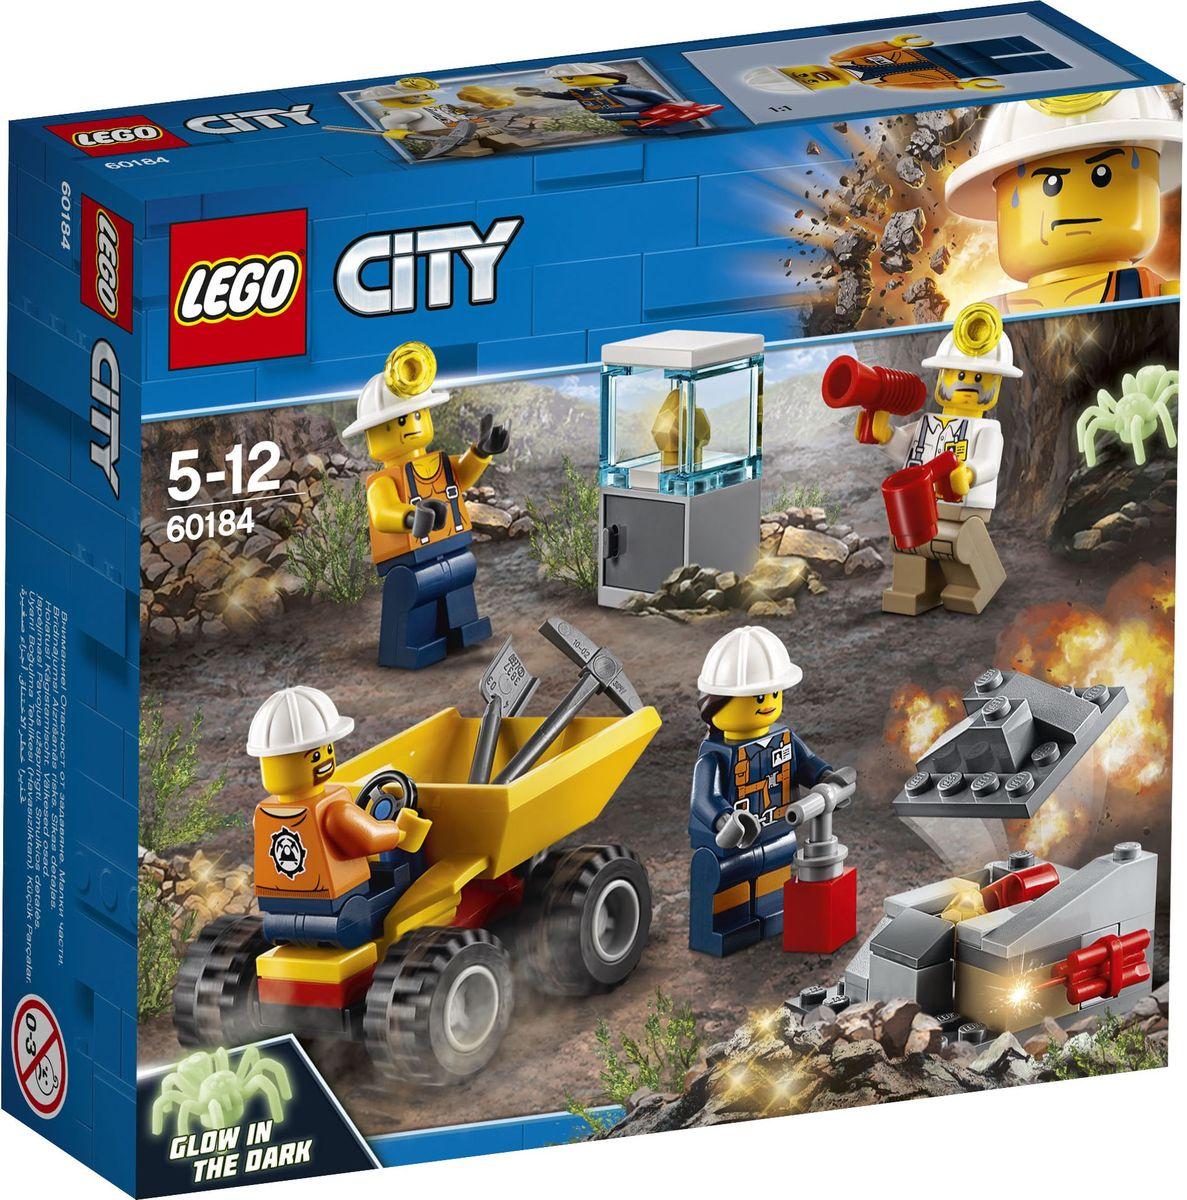 LEGO City Mining Конструктор Бригада шахтеров 60184 lego грузовой поезд city